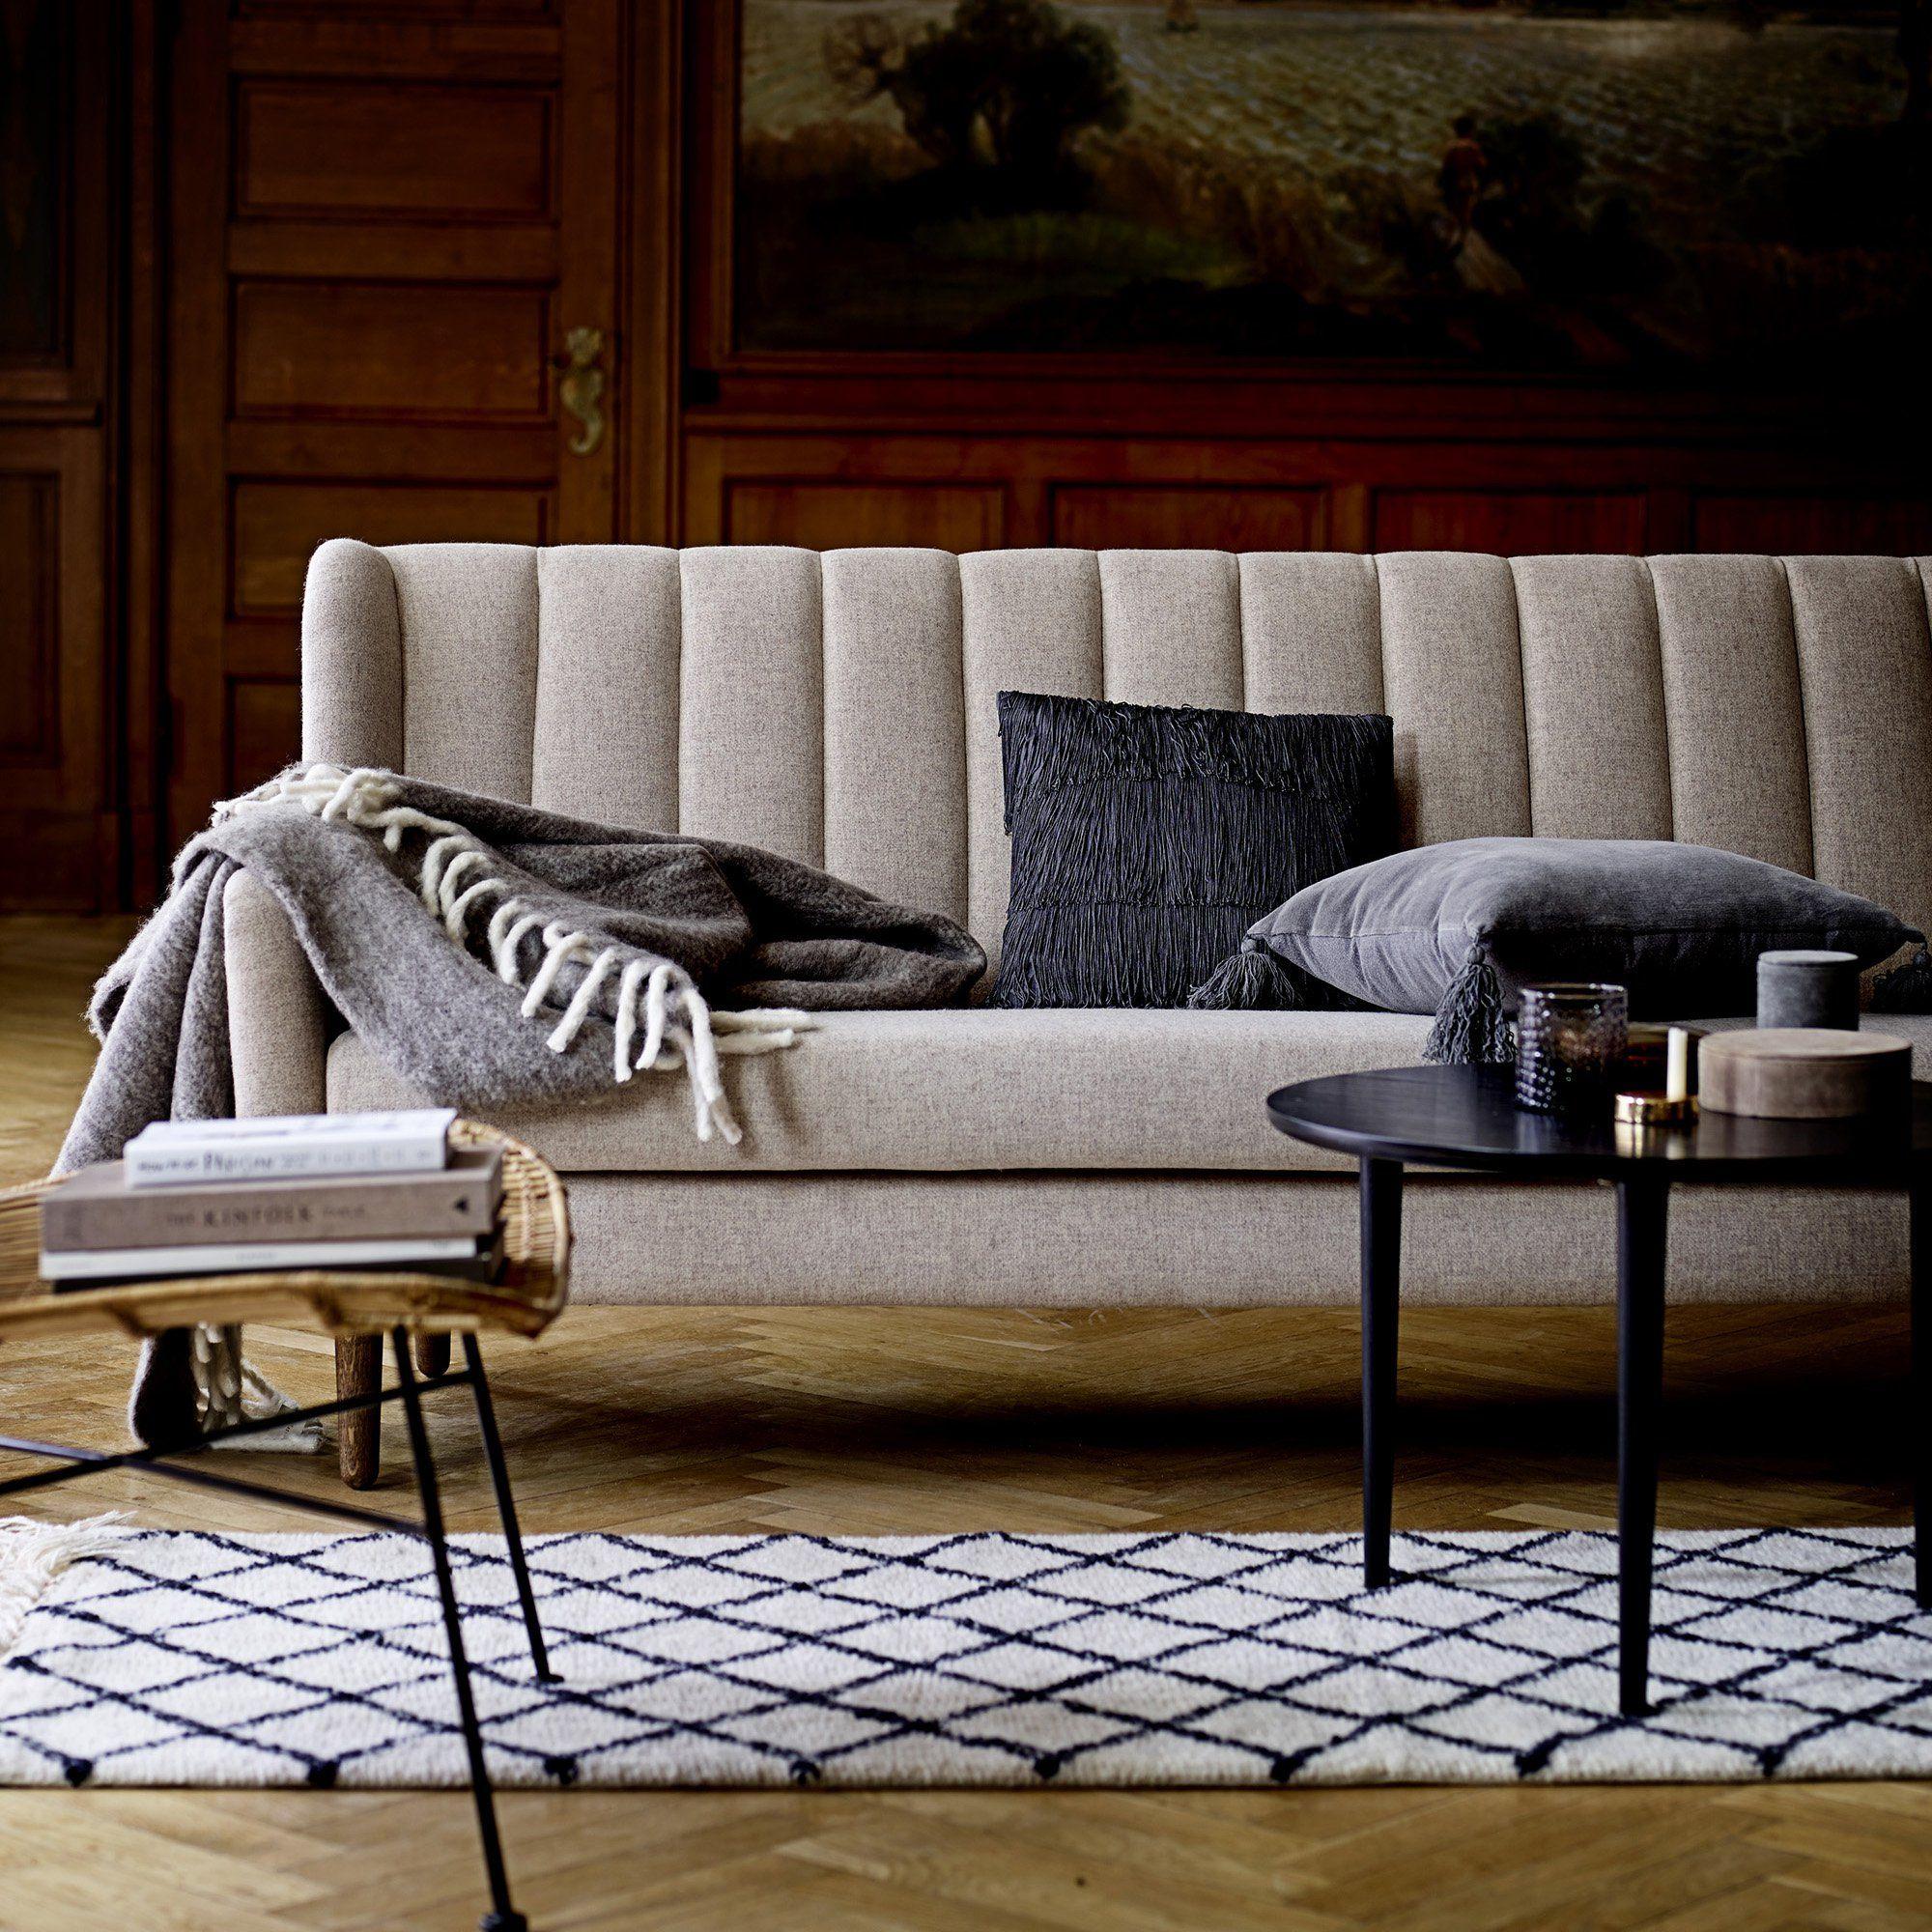 Un canapé greige gris droit et inspiration art déco avec pied en